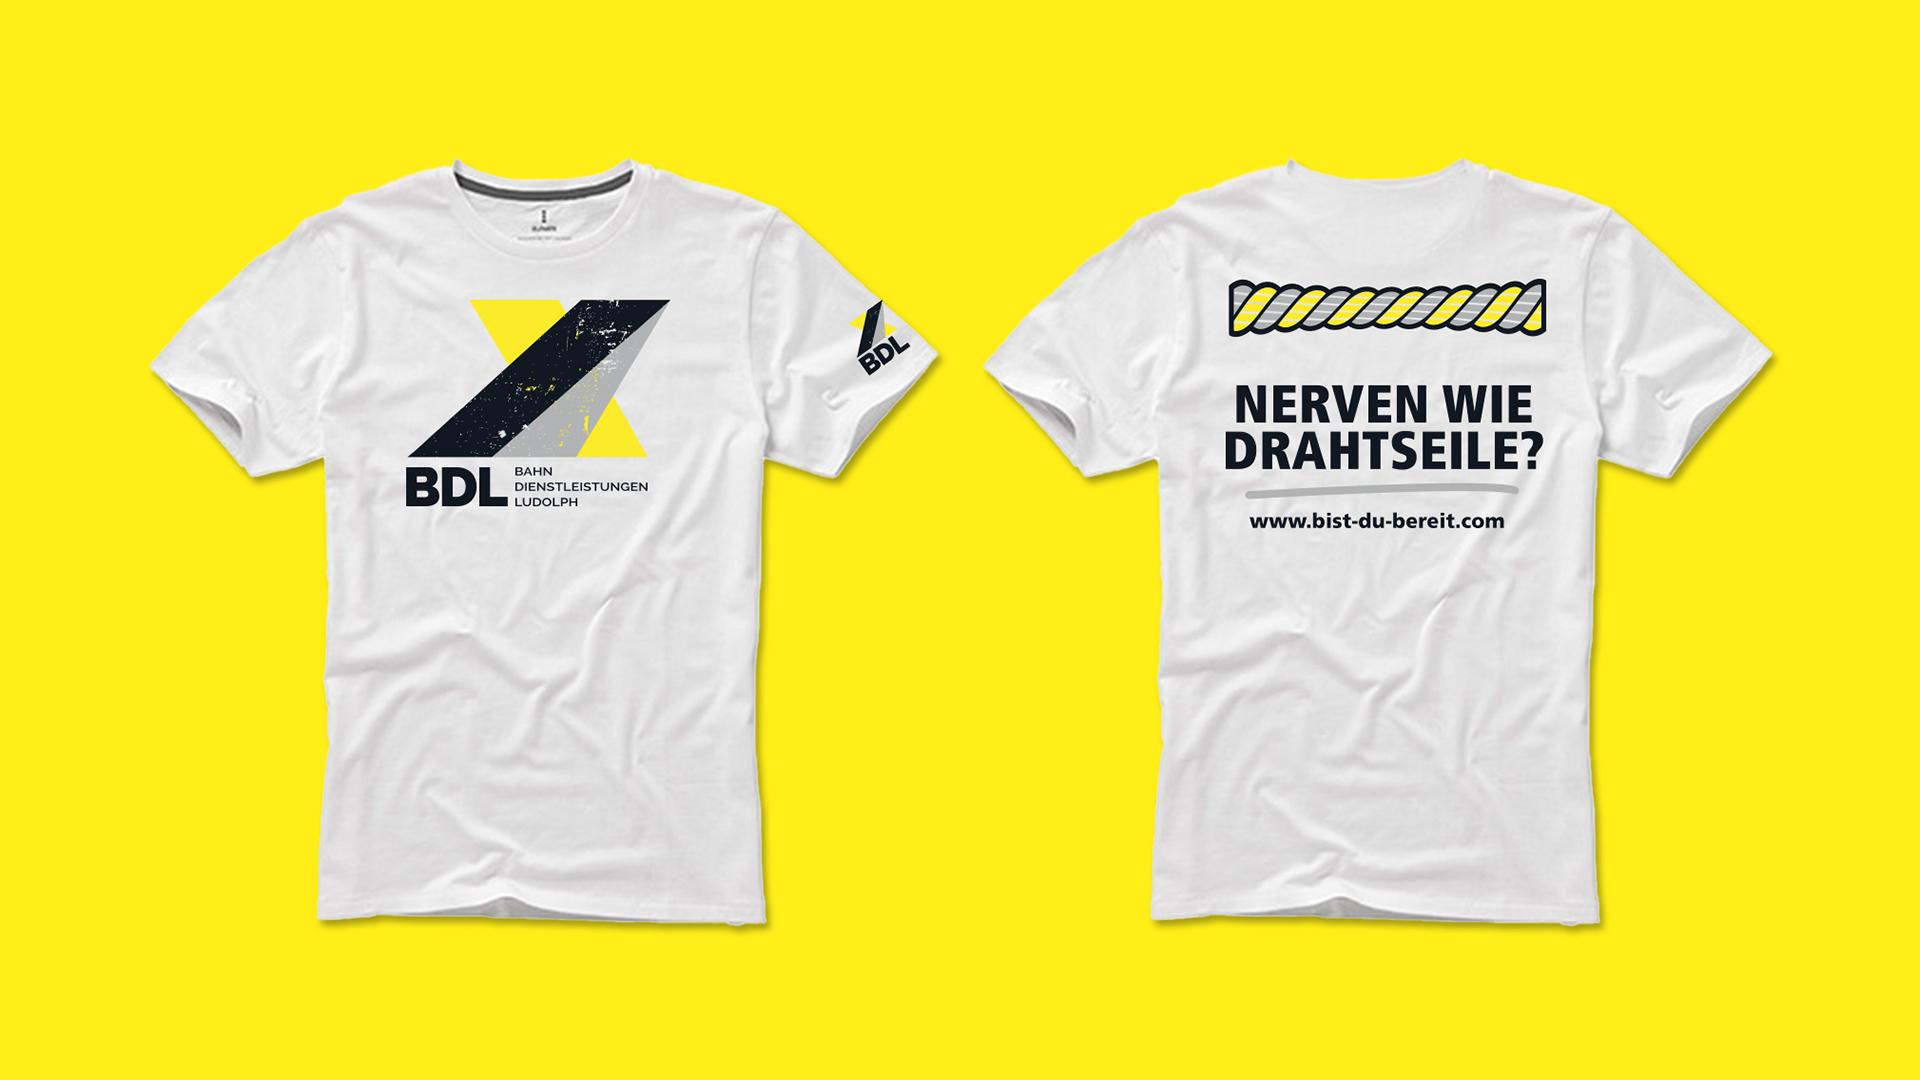 Textildruck für BDL Bahndienstleistungen Ludolph GmbH